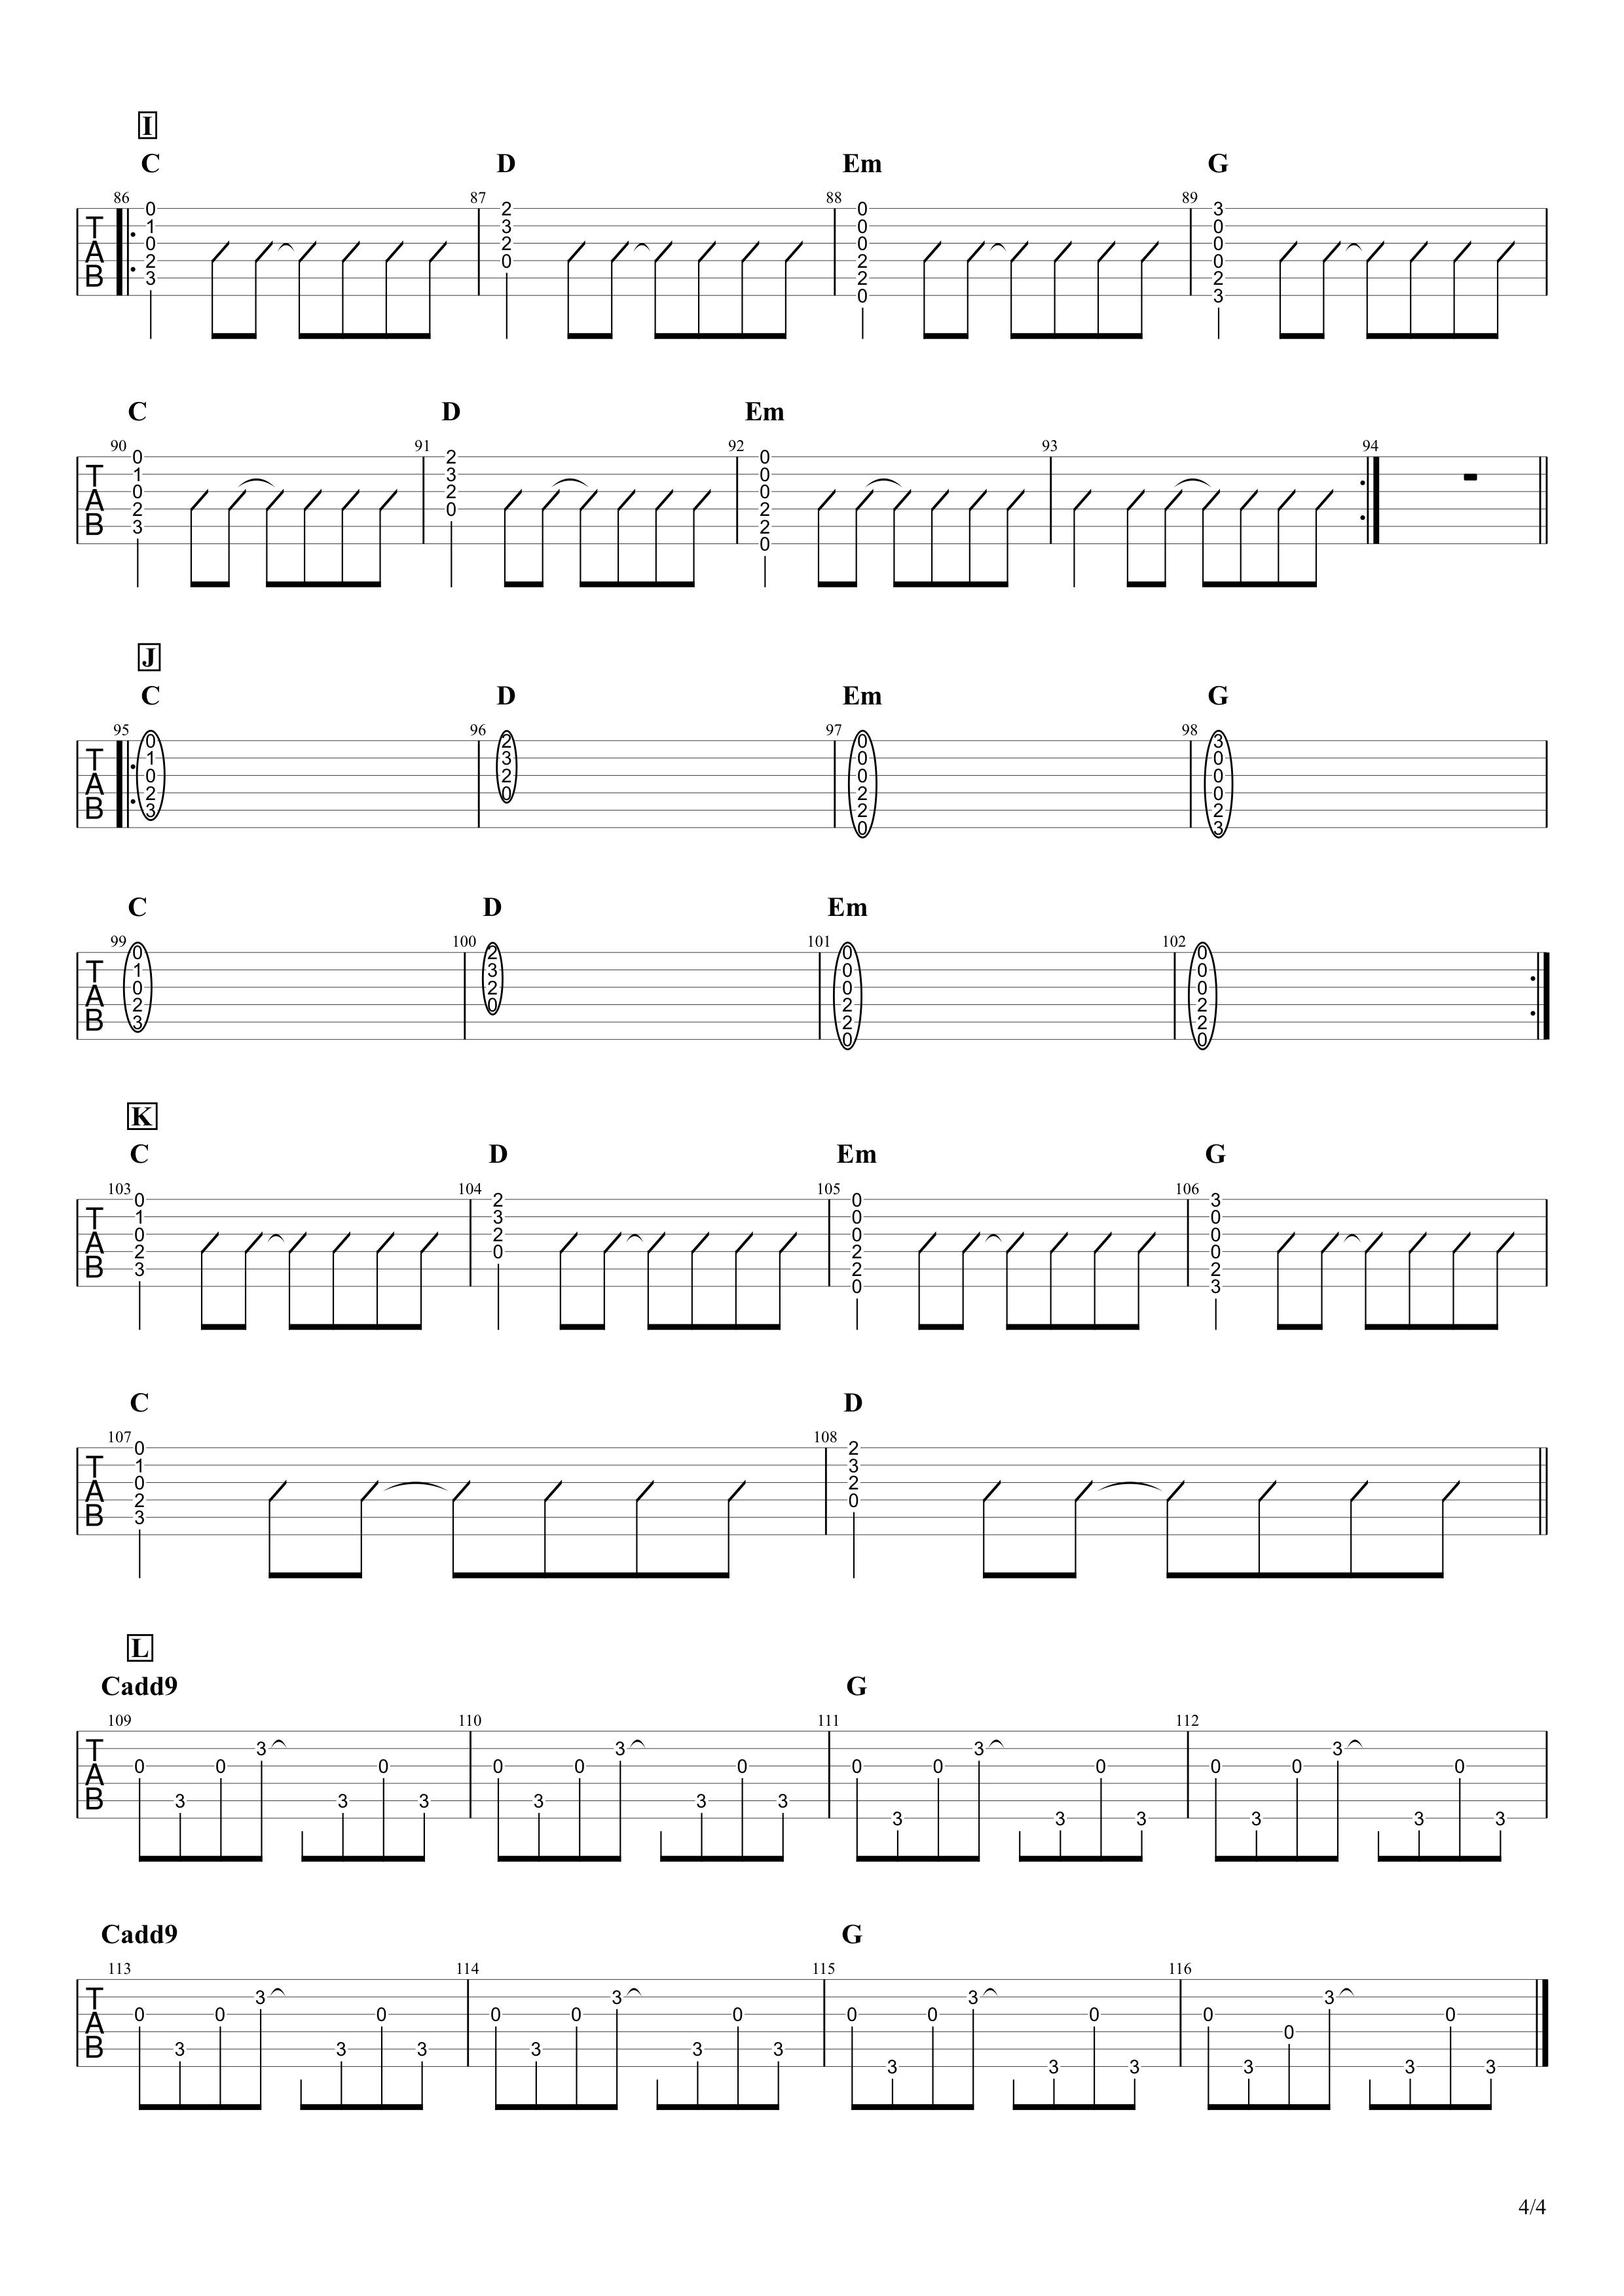 ヒカリへ/miwa ギタータブ&コード譜04